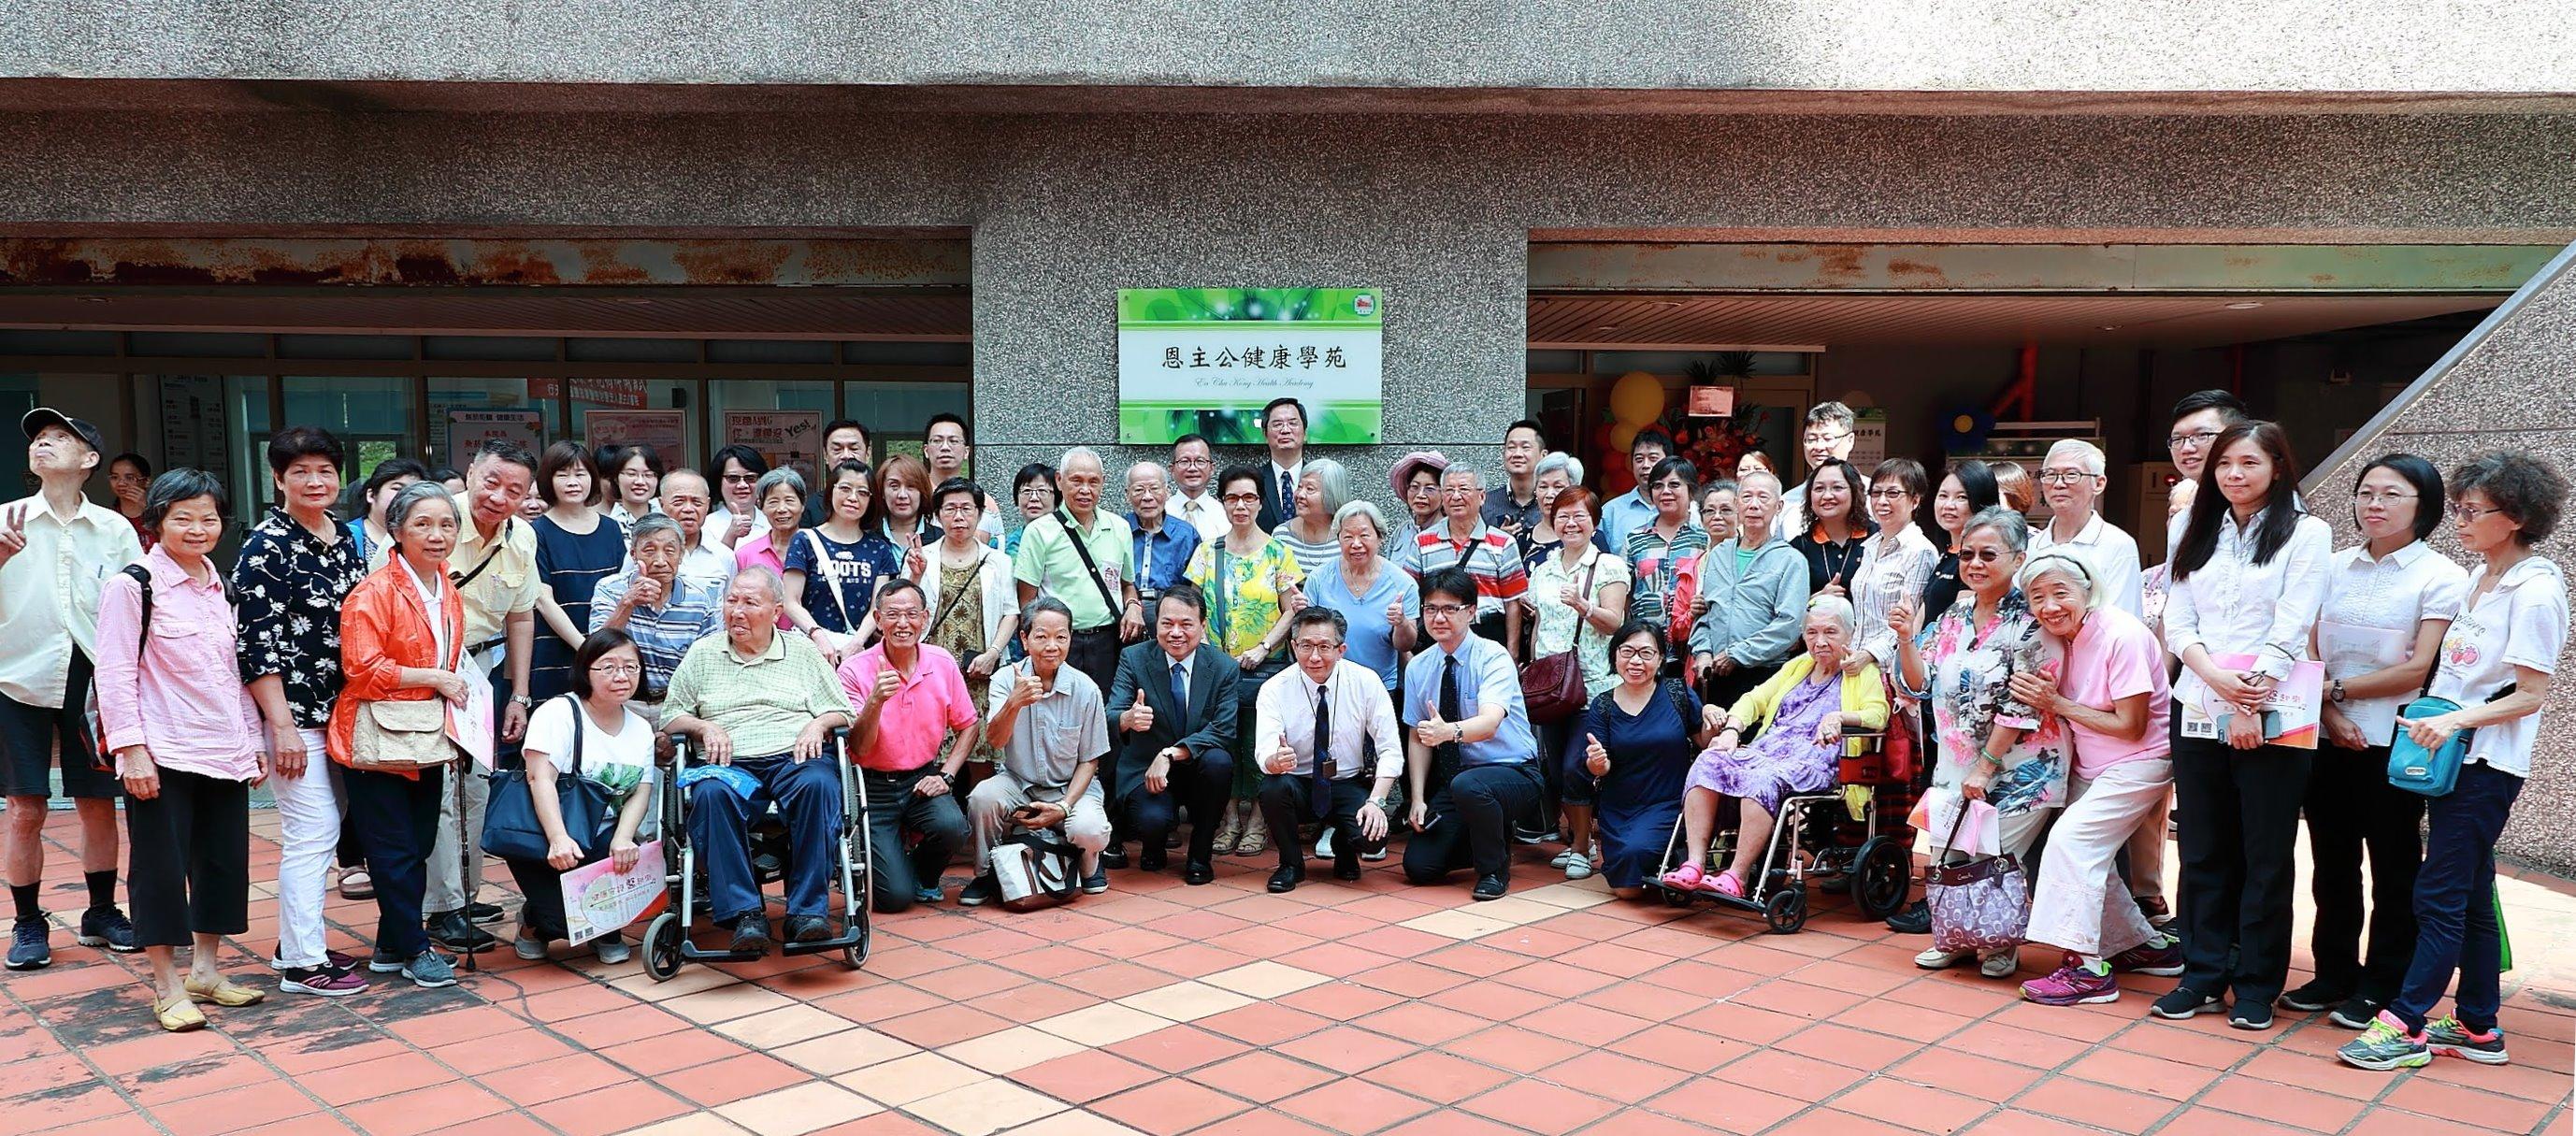 打造健康社區 恩主公健康學苑進駐曉日樓